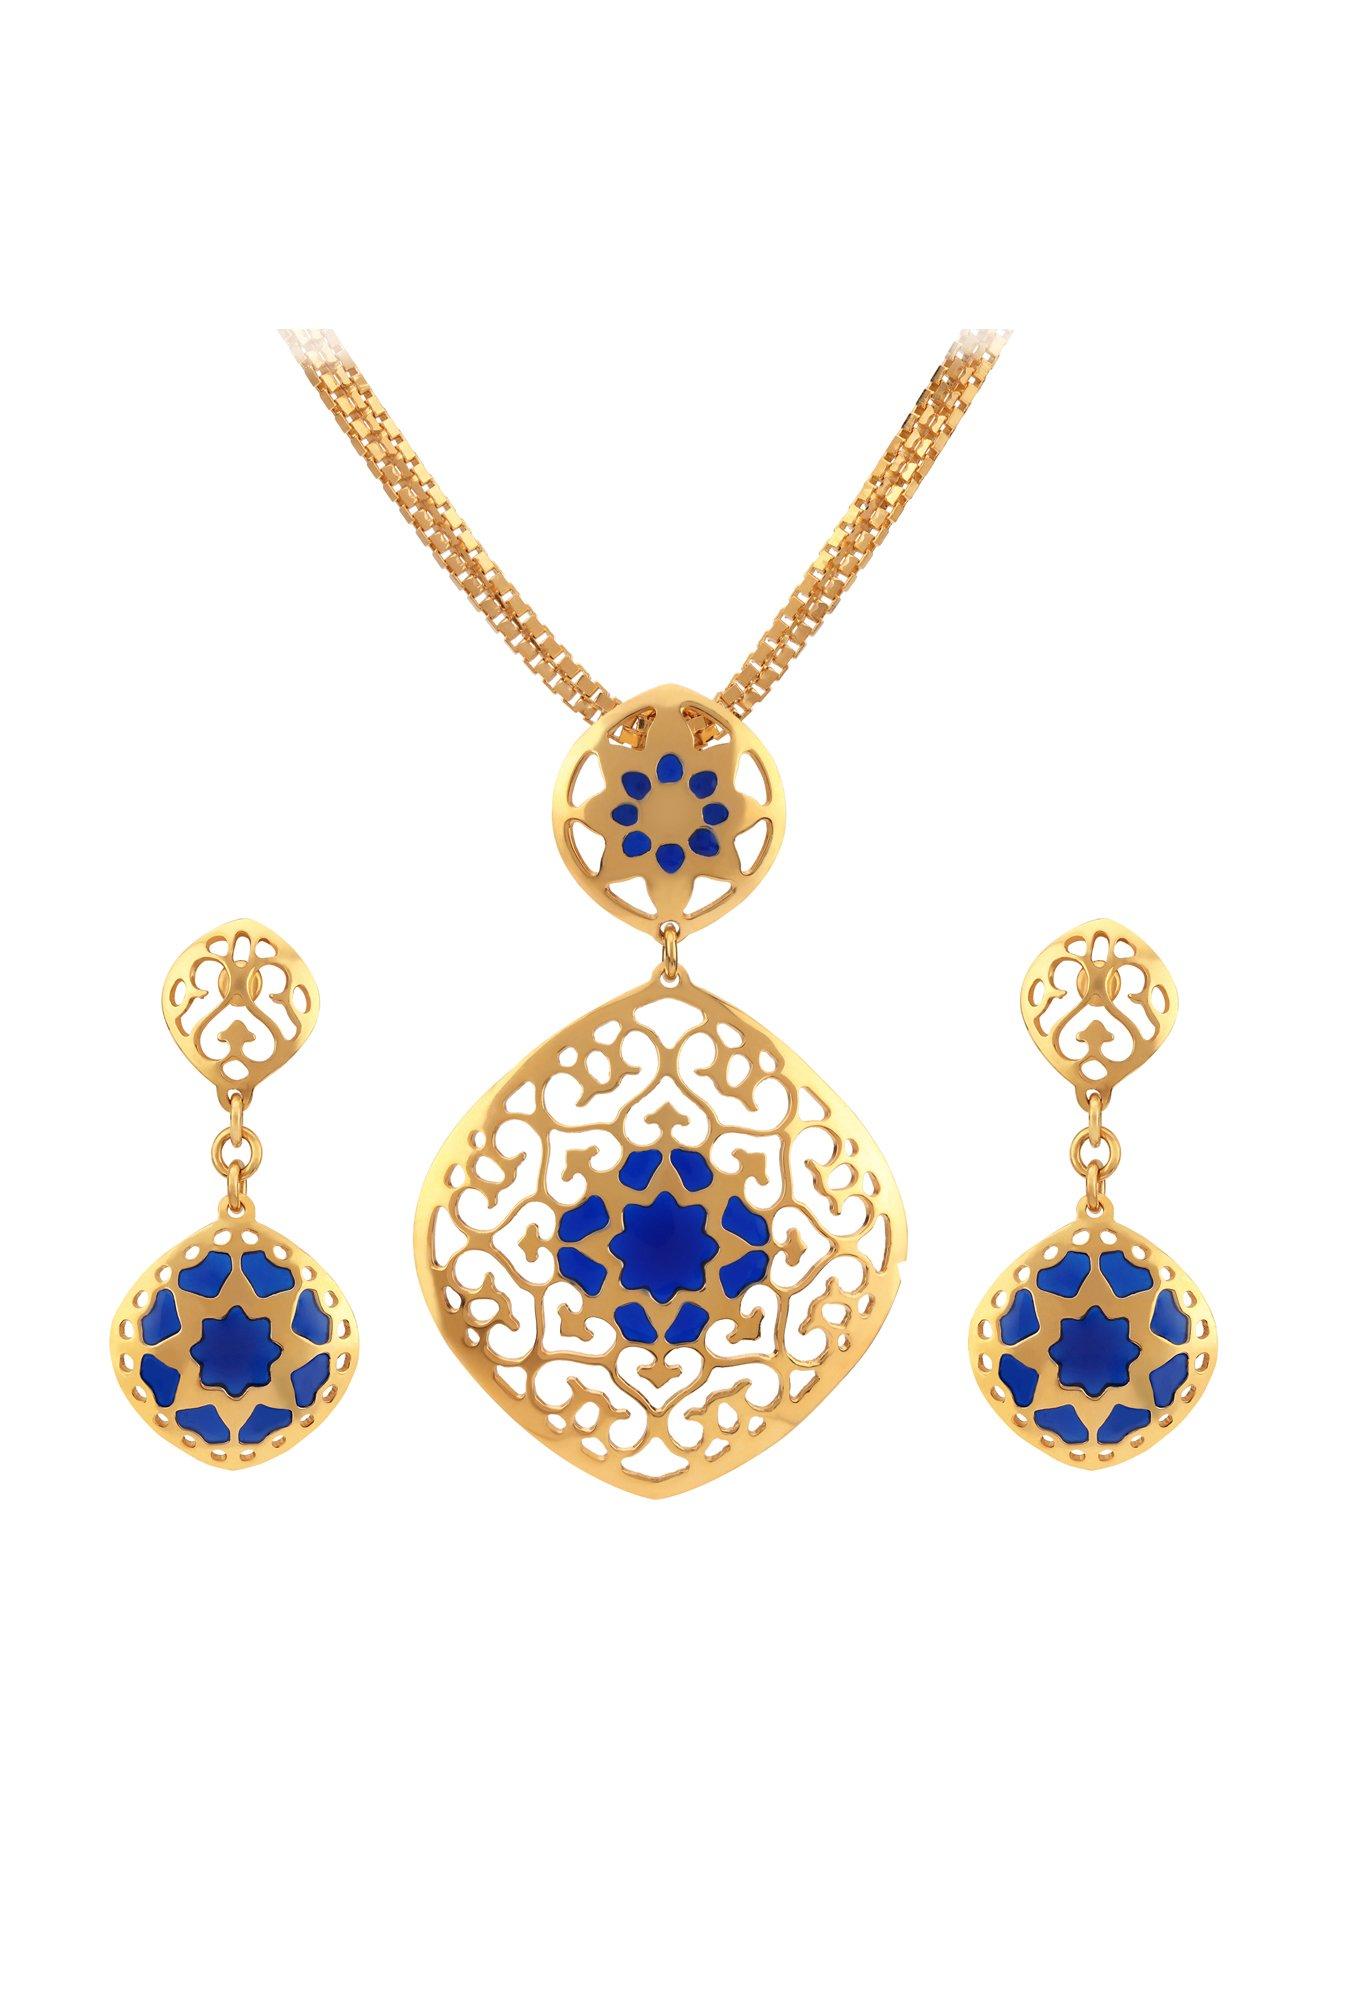 Tanishq Gold Pendant Set Designs Pendant Design Ideas